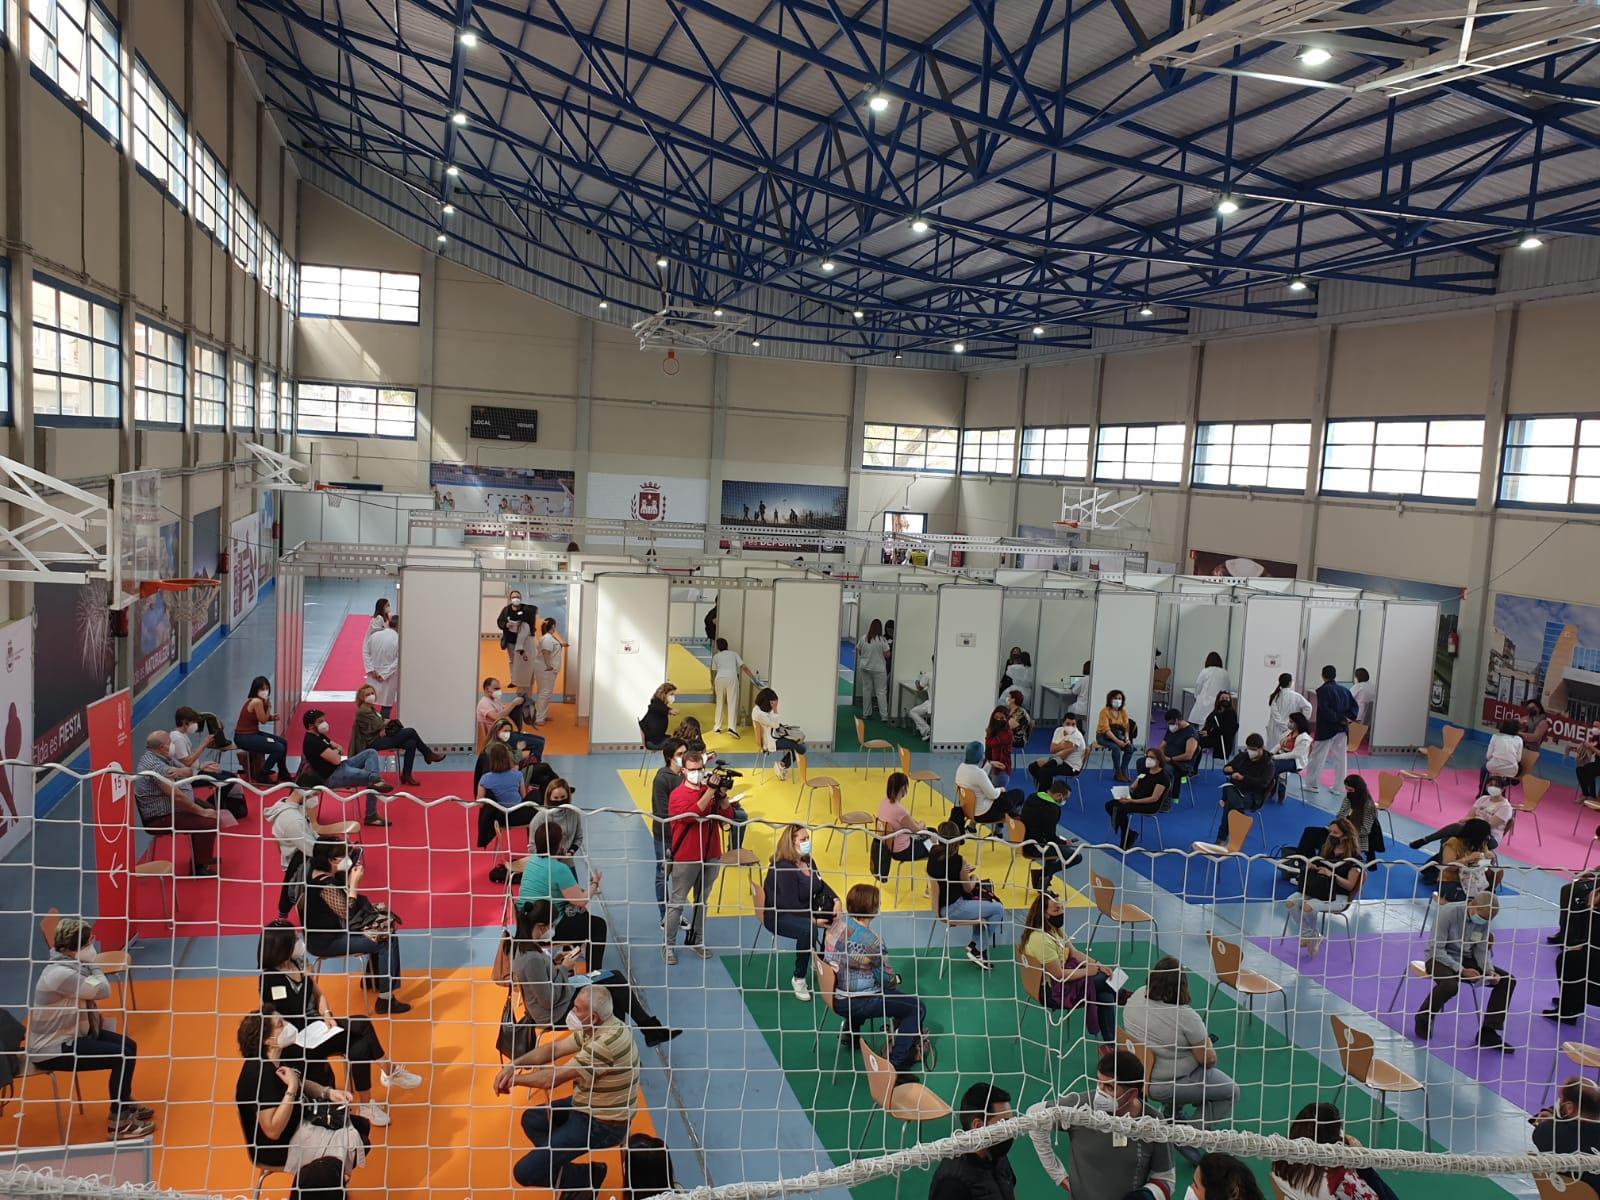 La vacunación masiva de los docentes de toda la comarca comienza en el punto habilitado por el Ayuntamiento de Elda en las instalaciones del Pabellón Azul